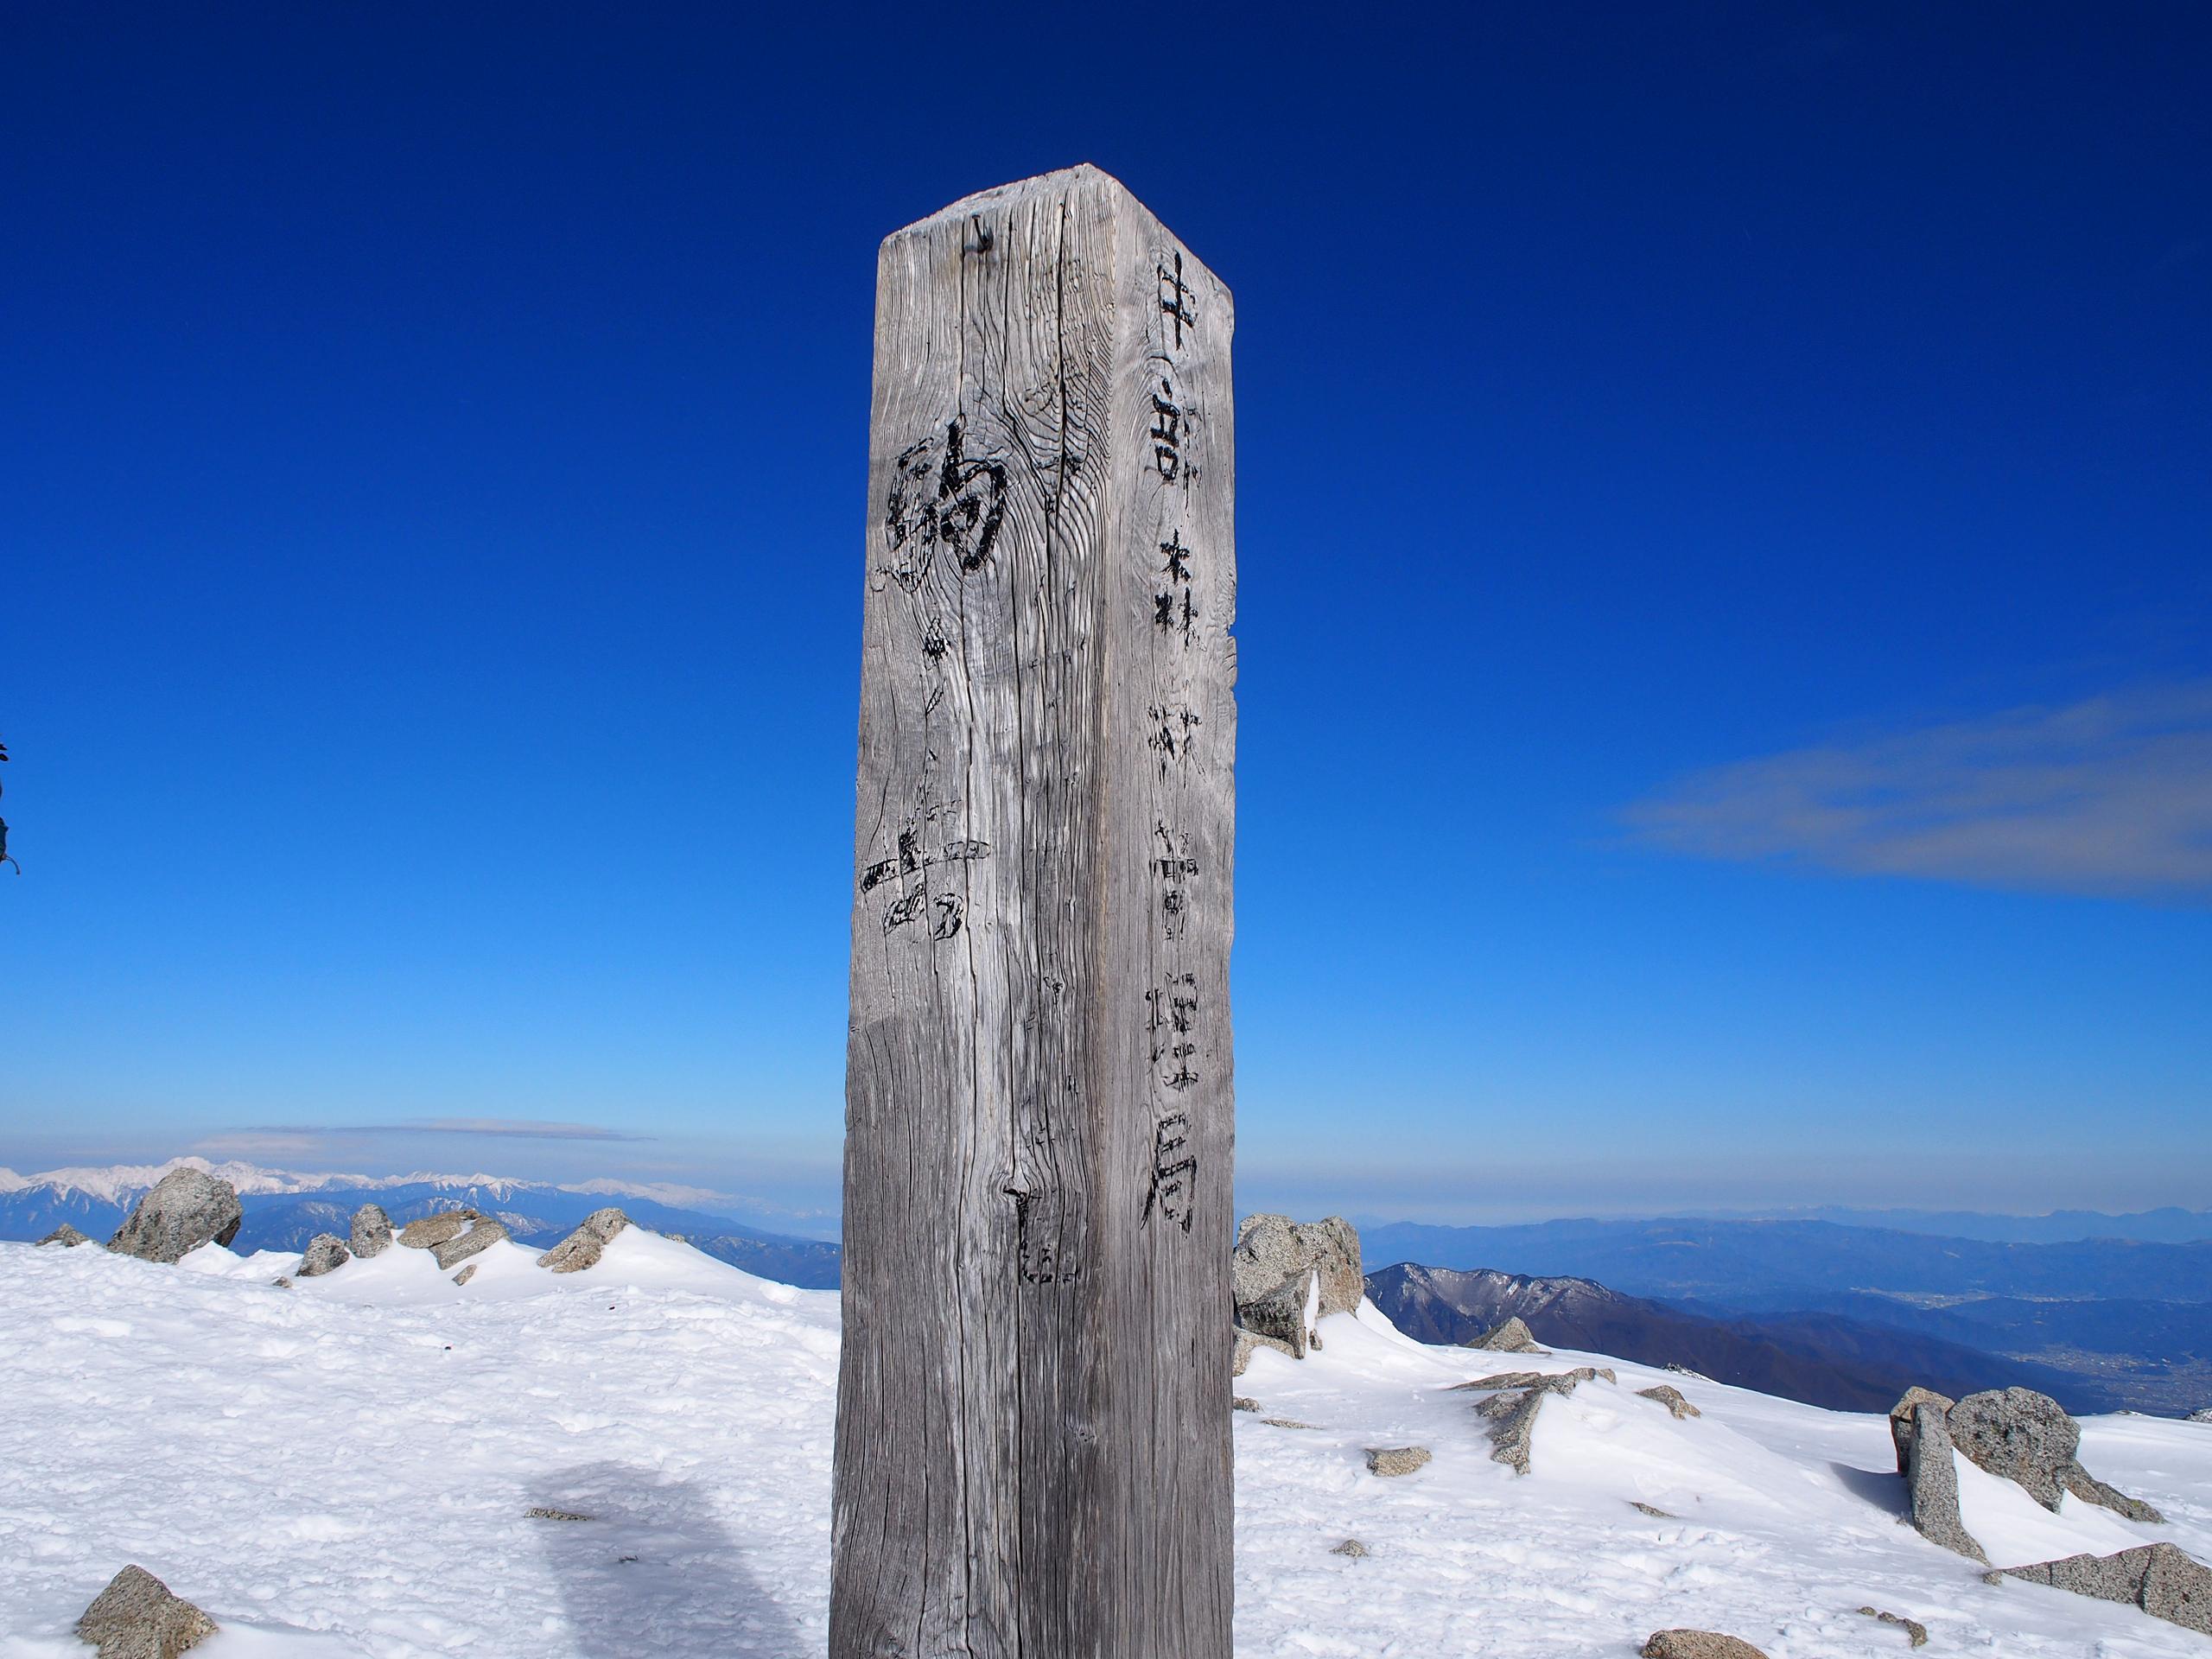 木曽駒ヶ岳山頂標